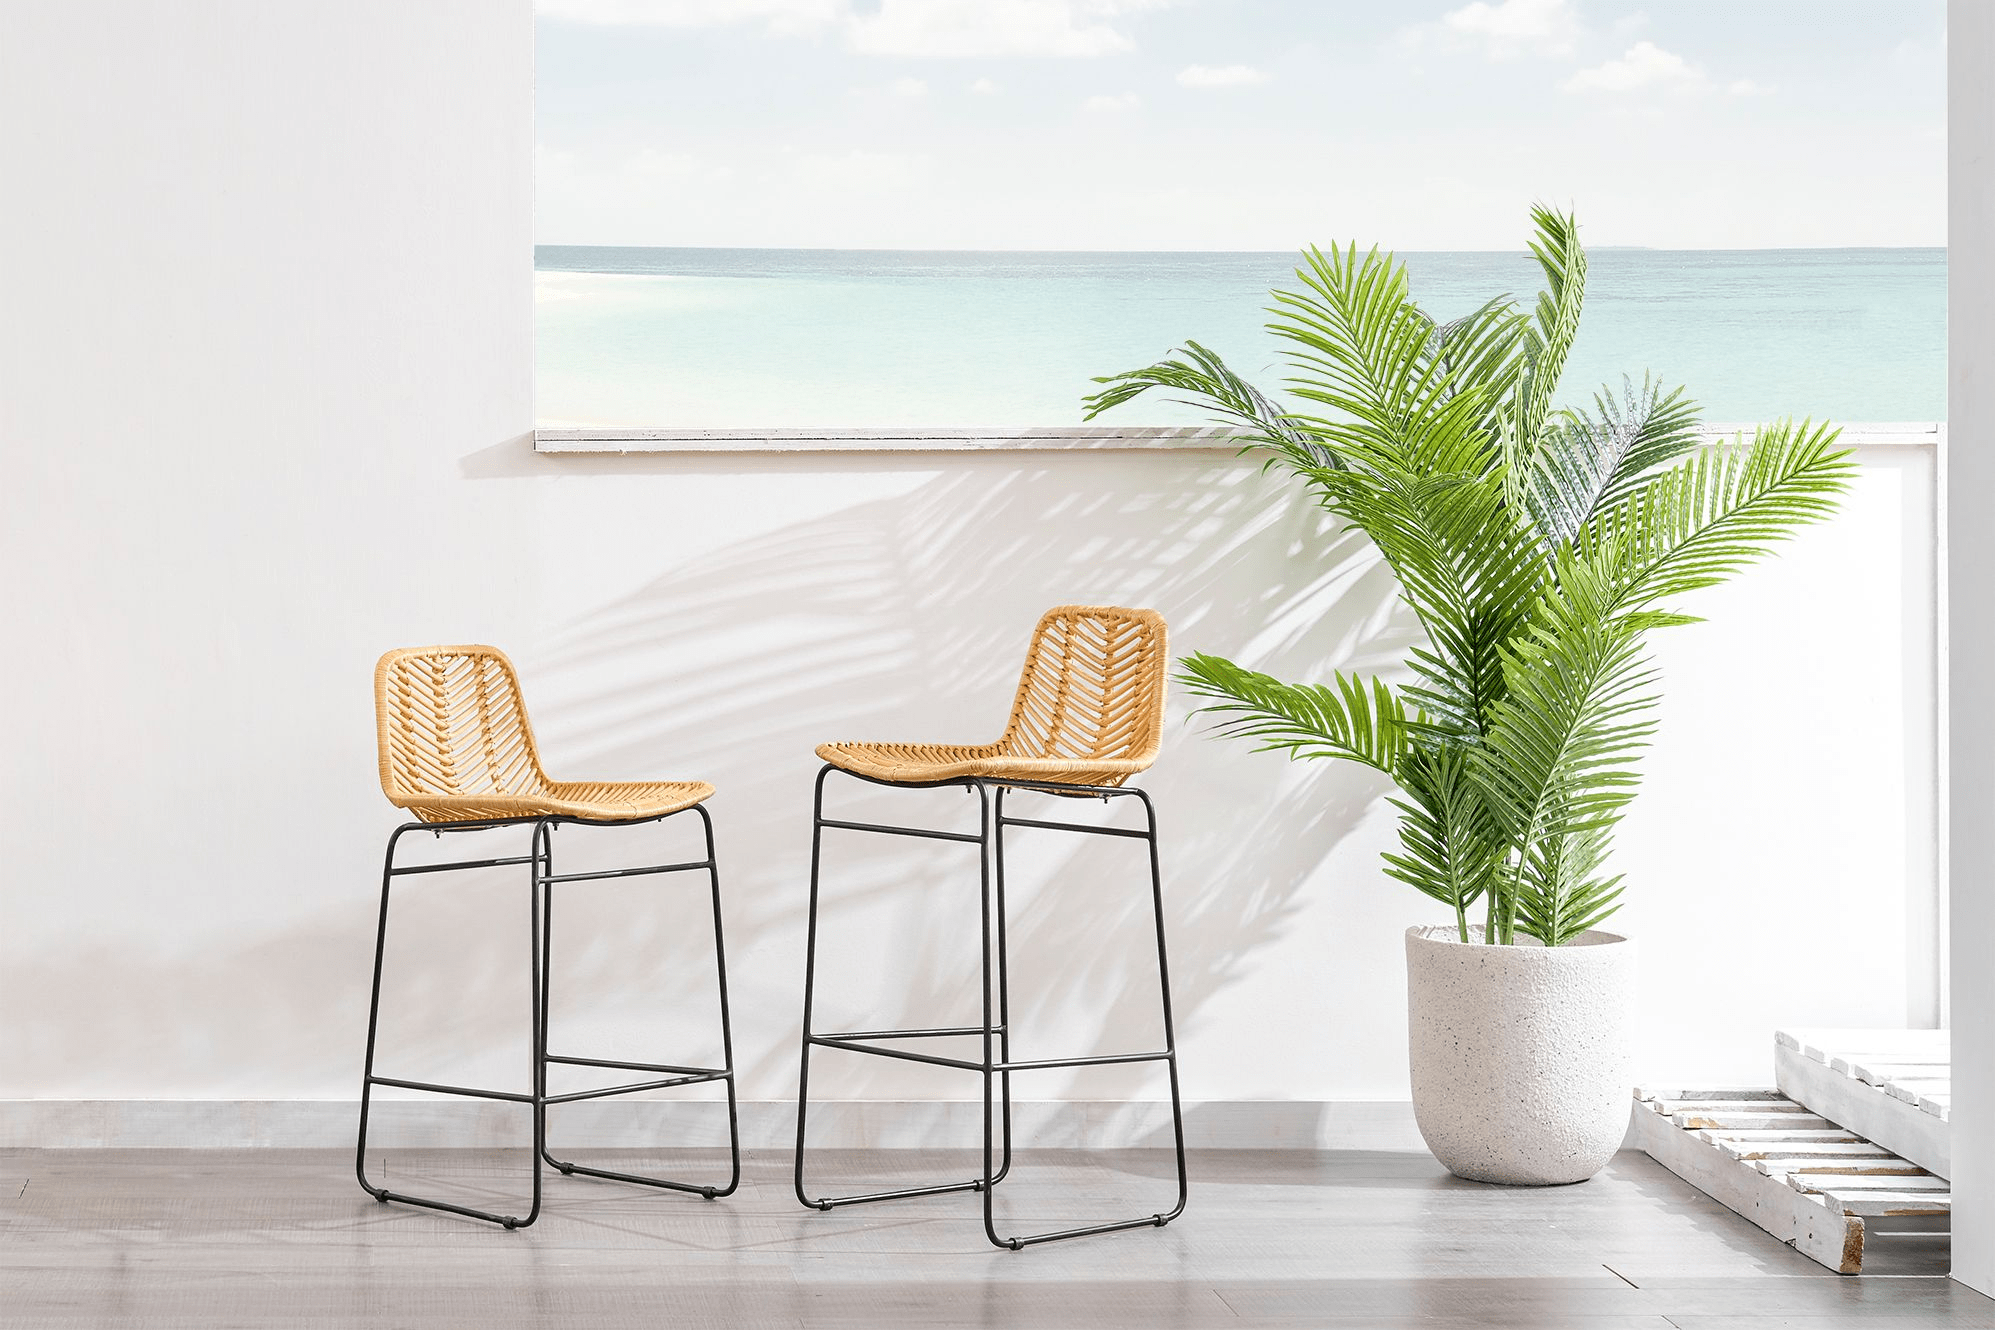 Rattan hagen bar stools for decor